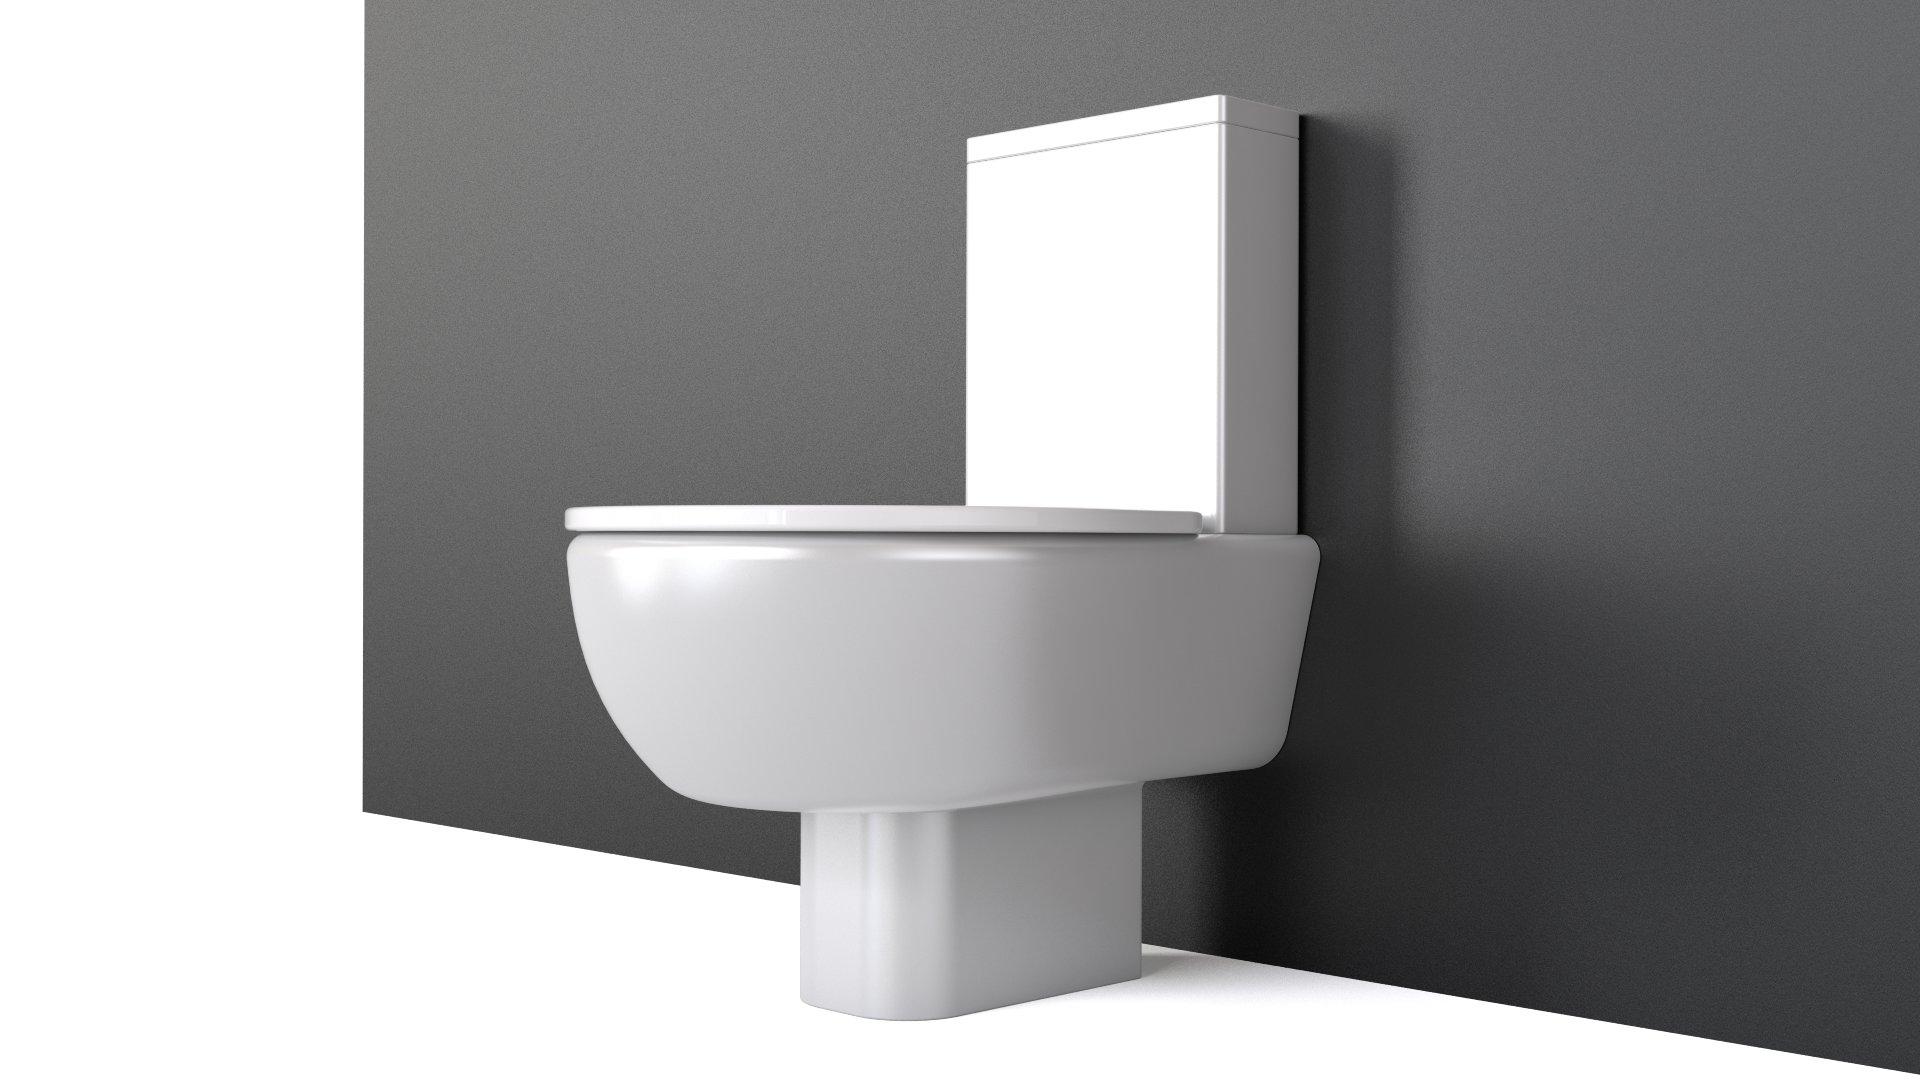 Toilet meridian roca flyingarchitecture for Wc roca meridian